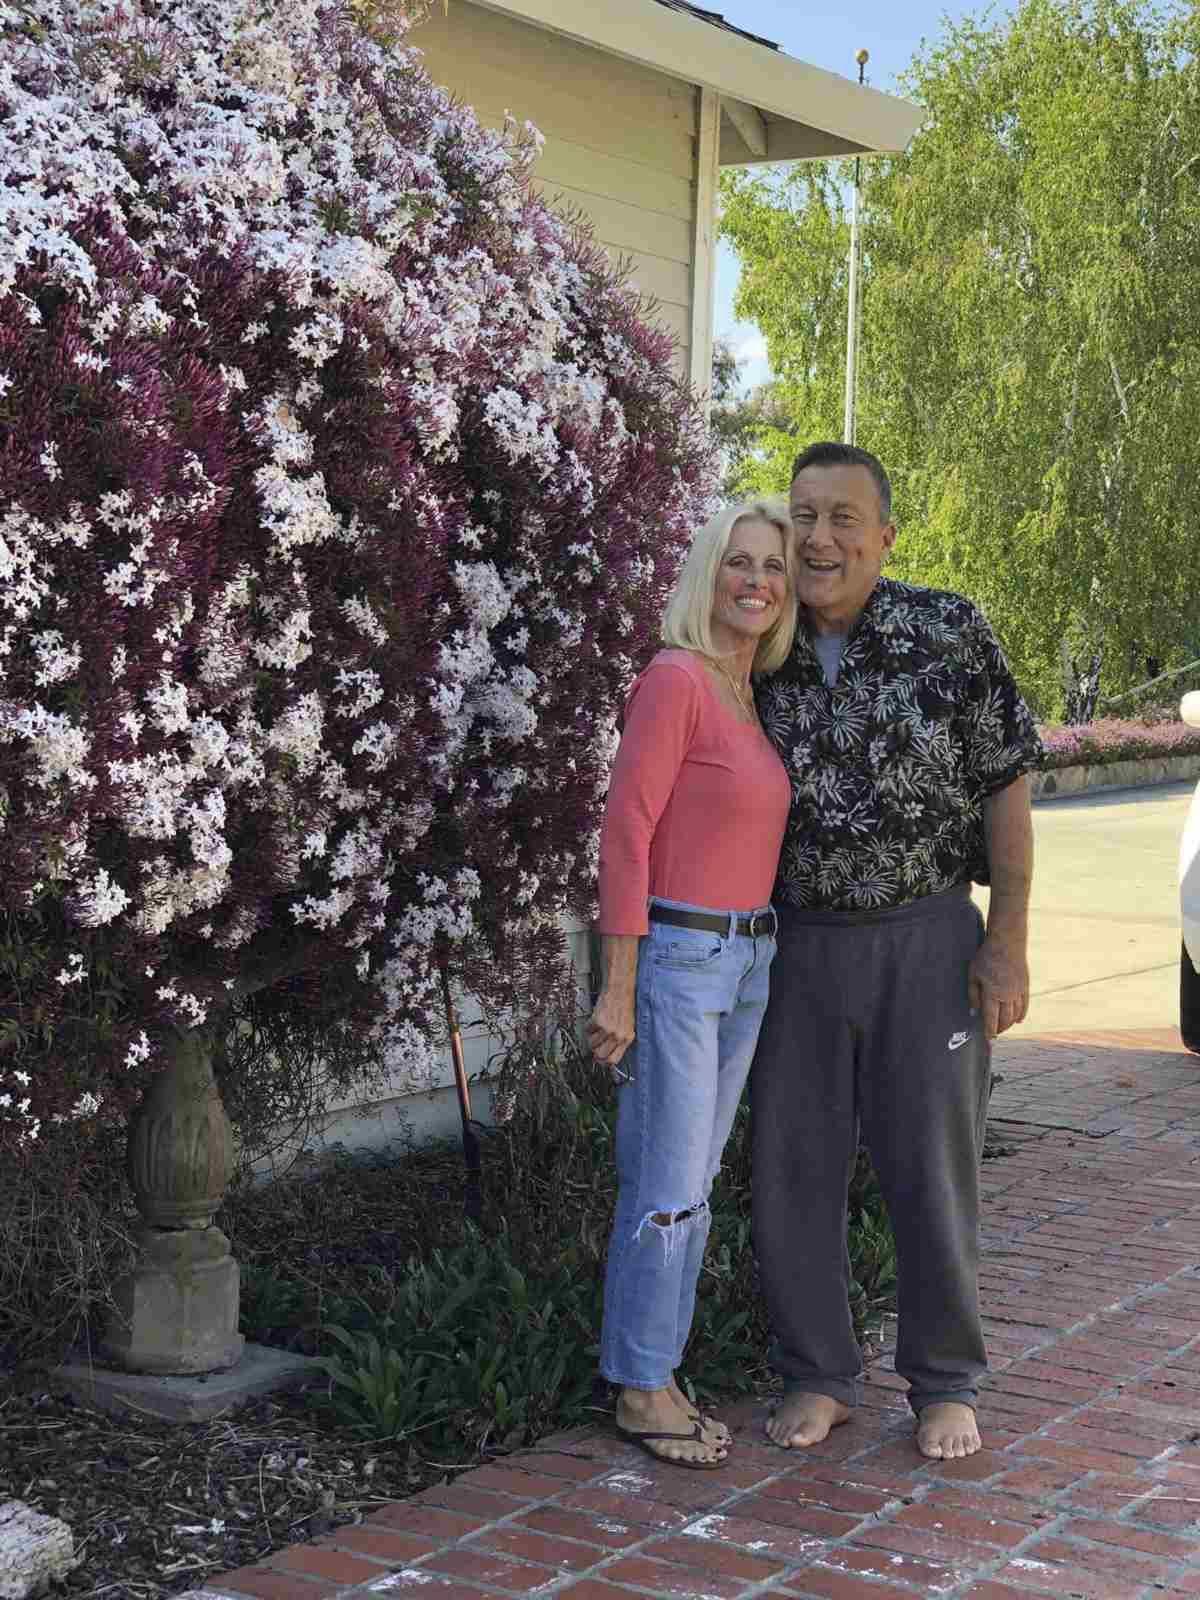 Virus Outbreak Organ Transplants